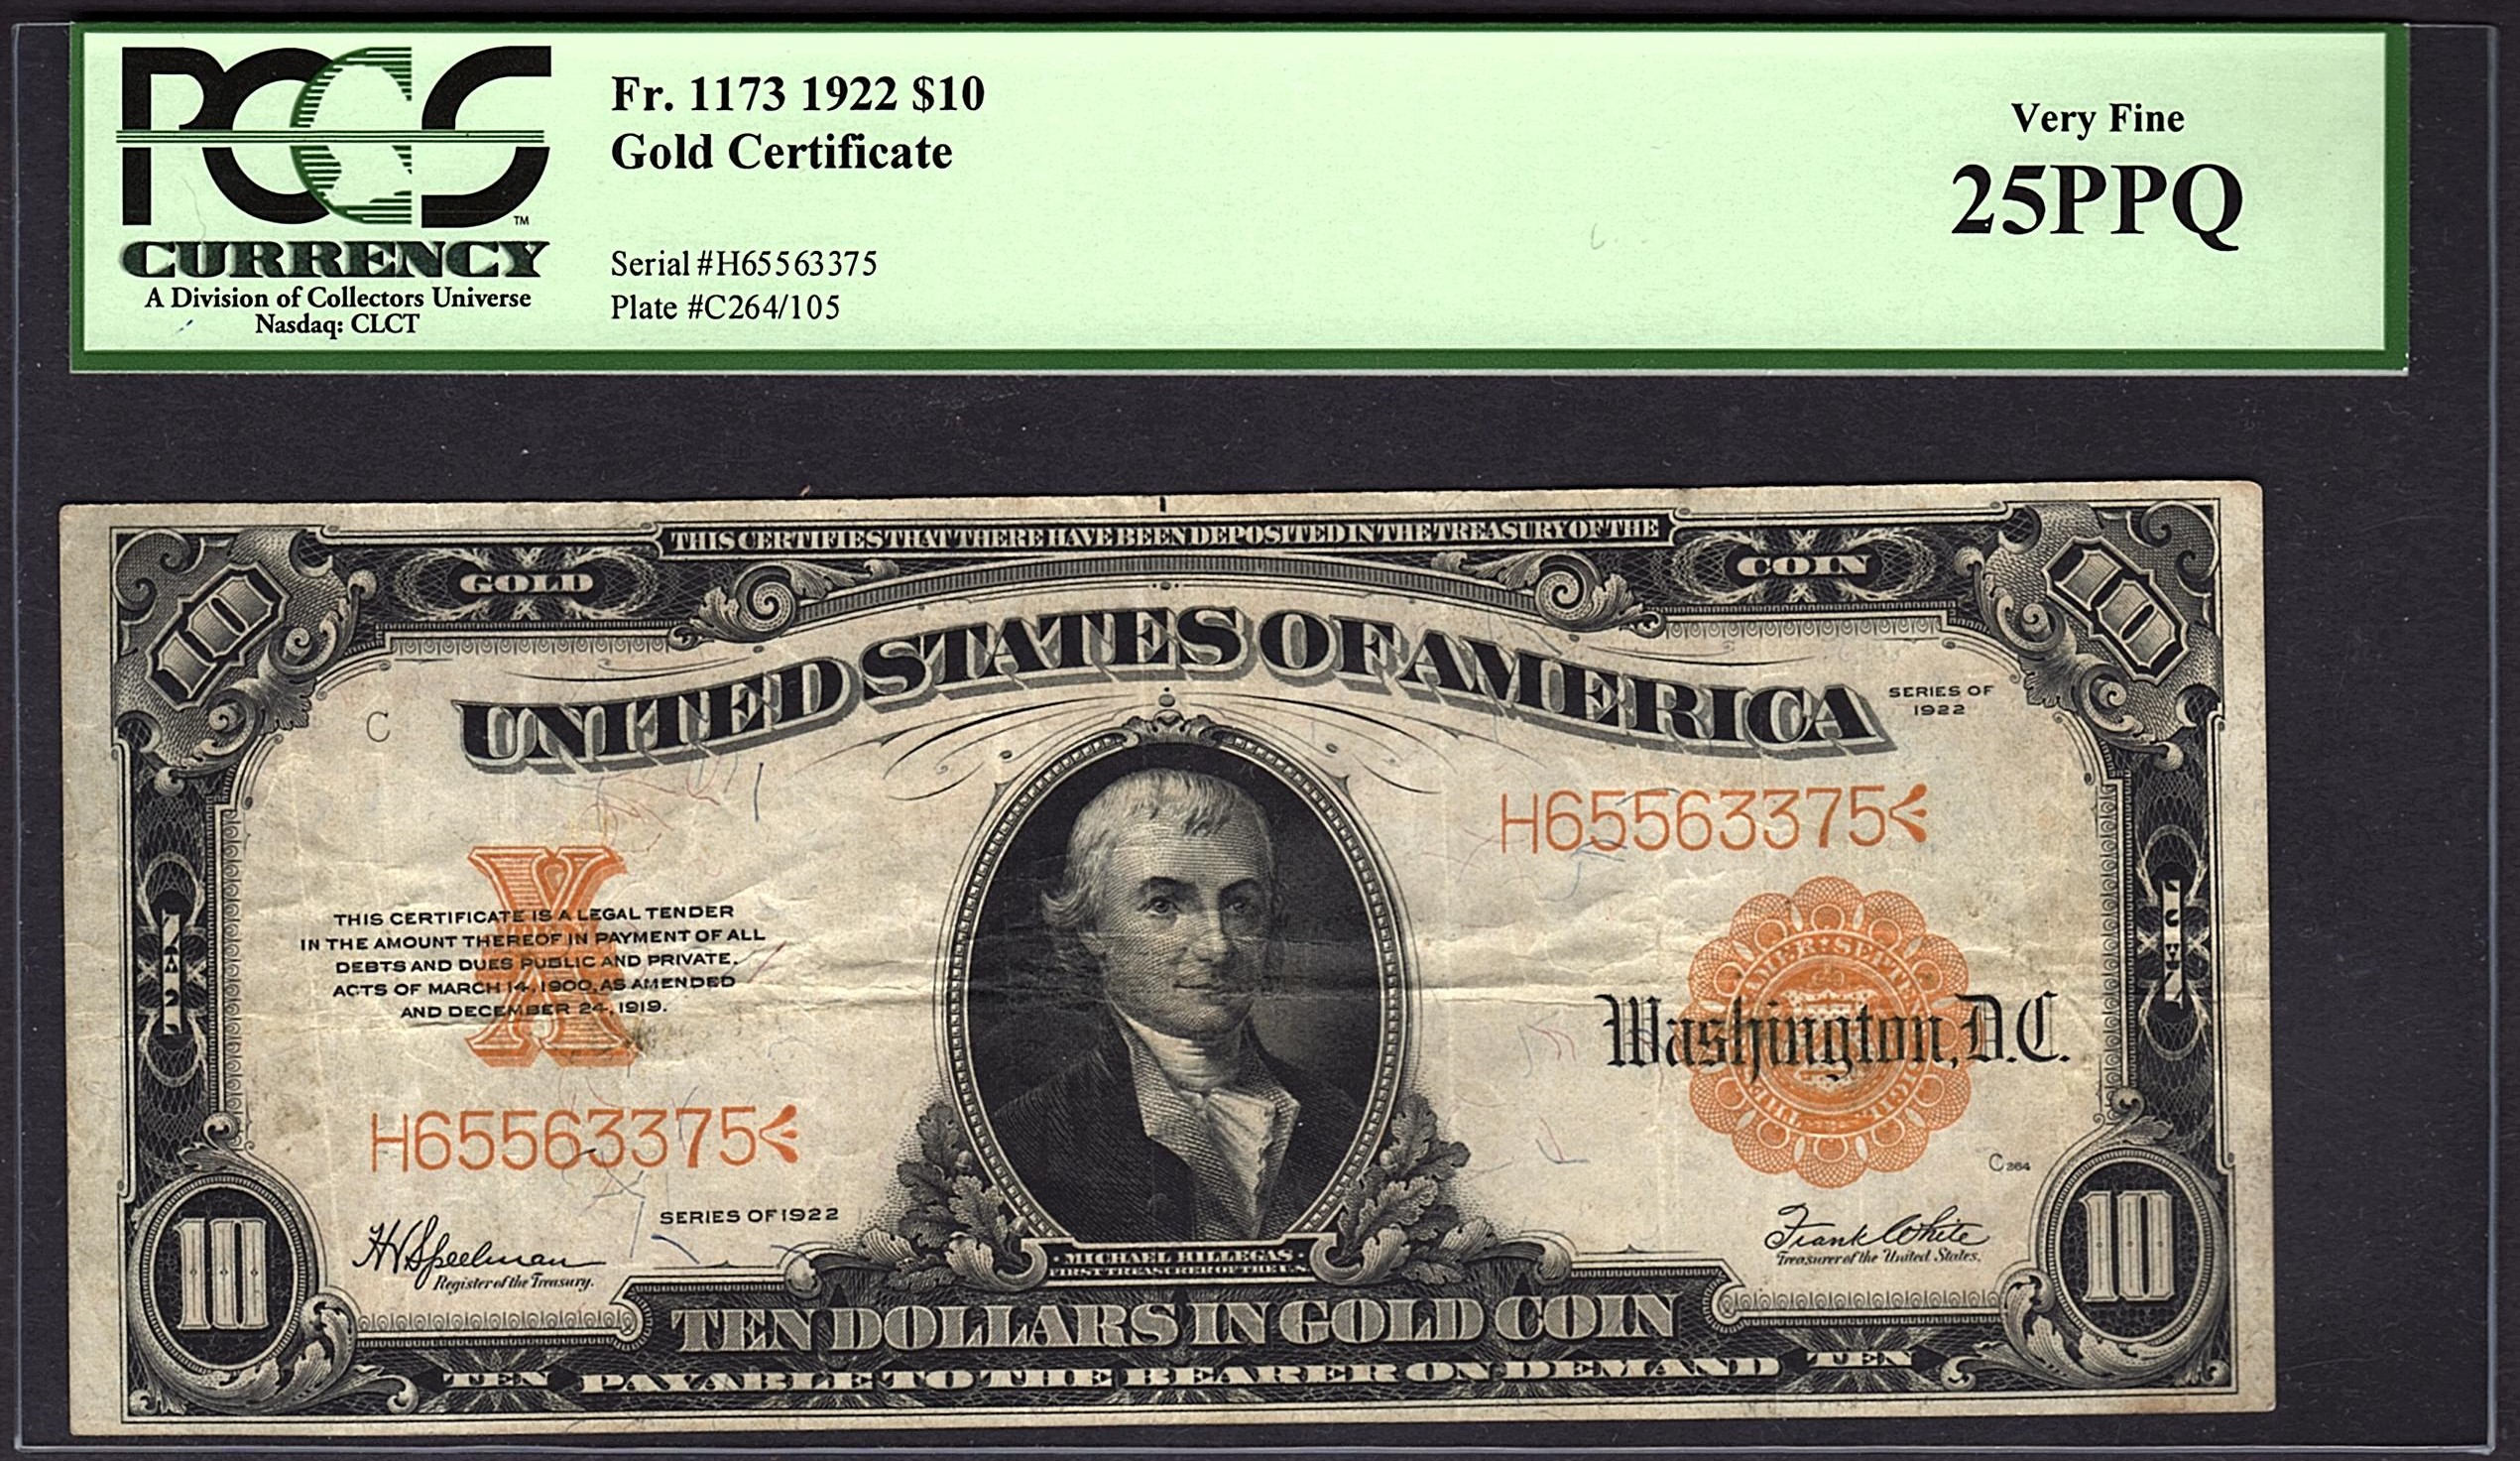 1922 Ten 10 Dollar Gold Certificate Pcgs 25 Epq Fr1173 Item Etsy